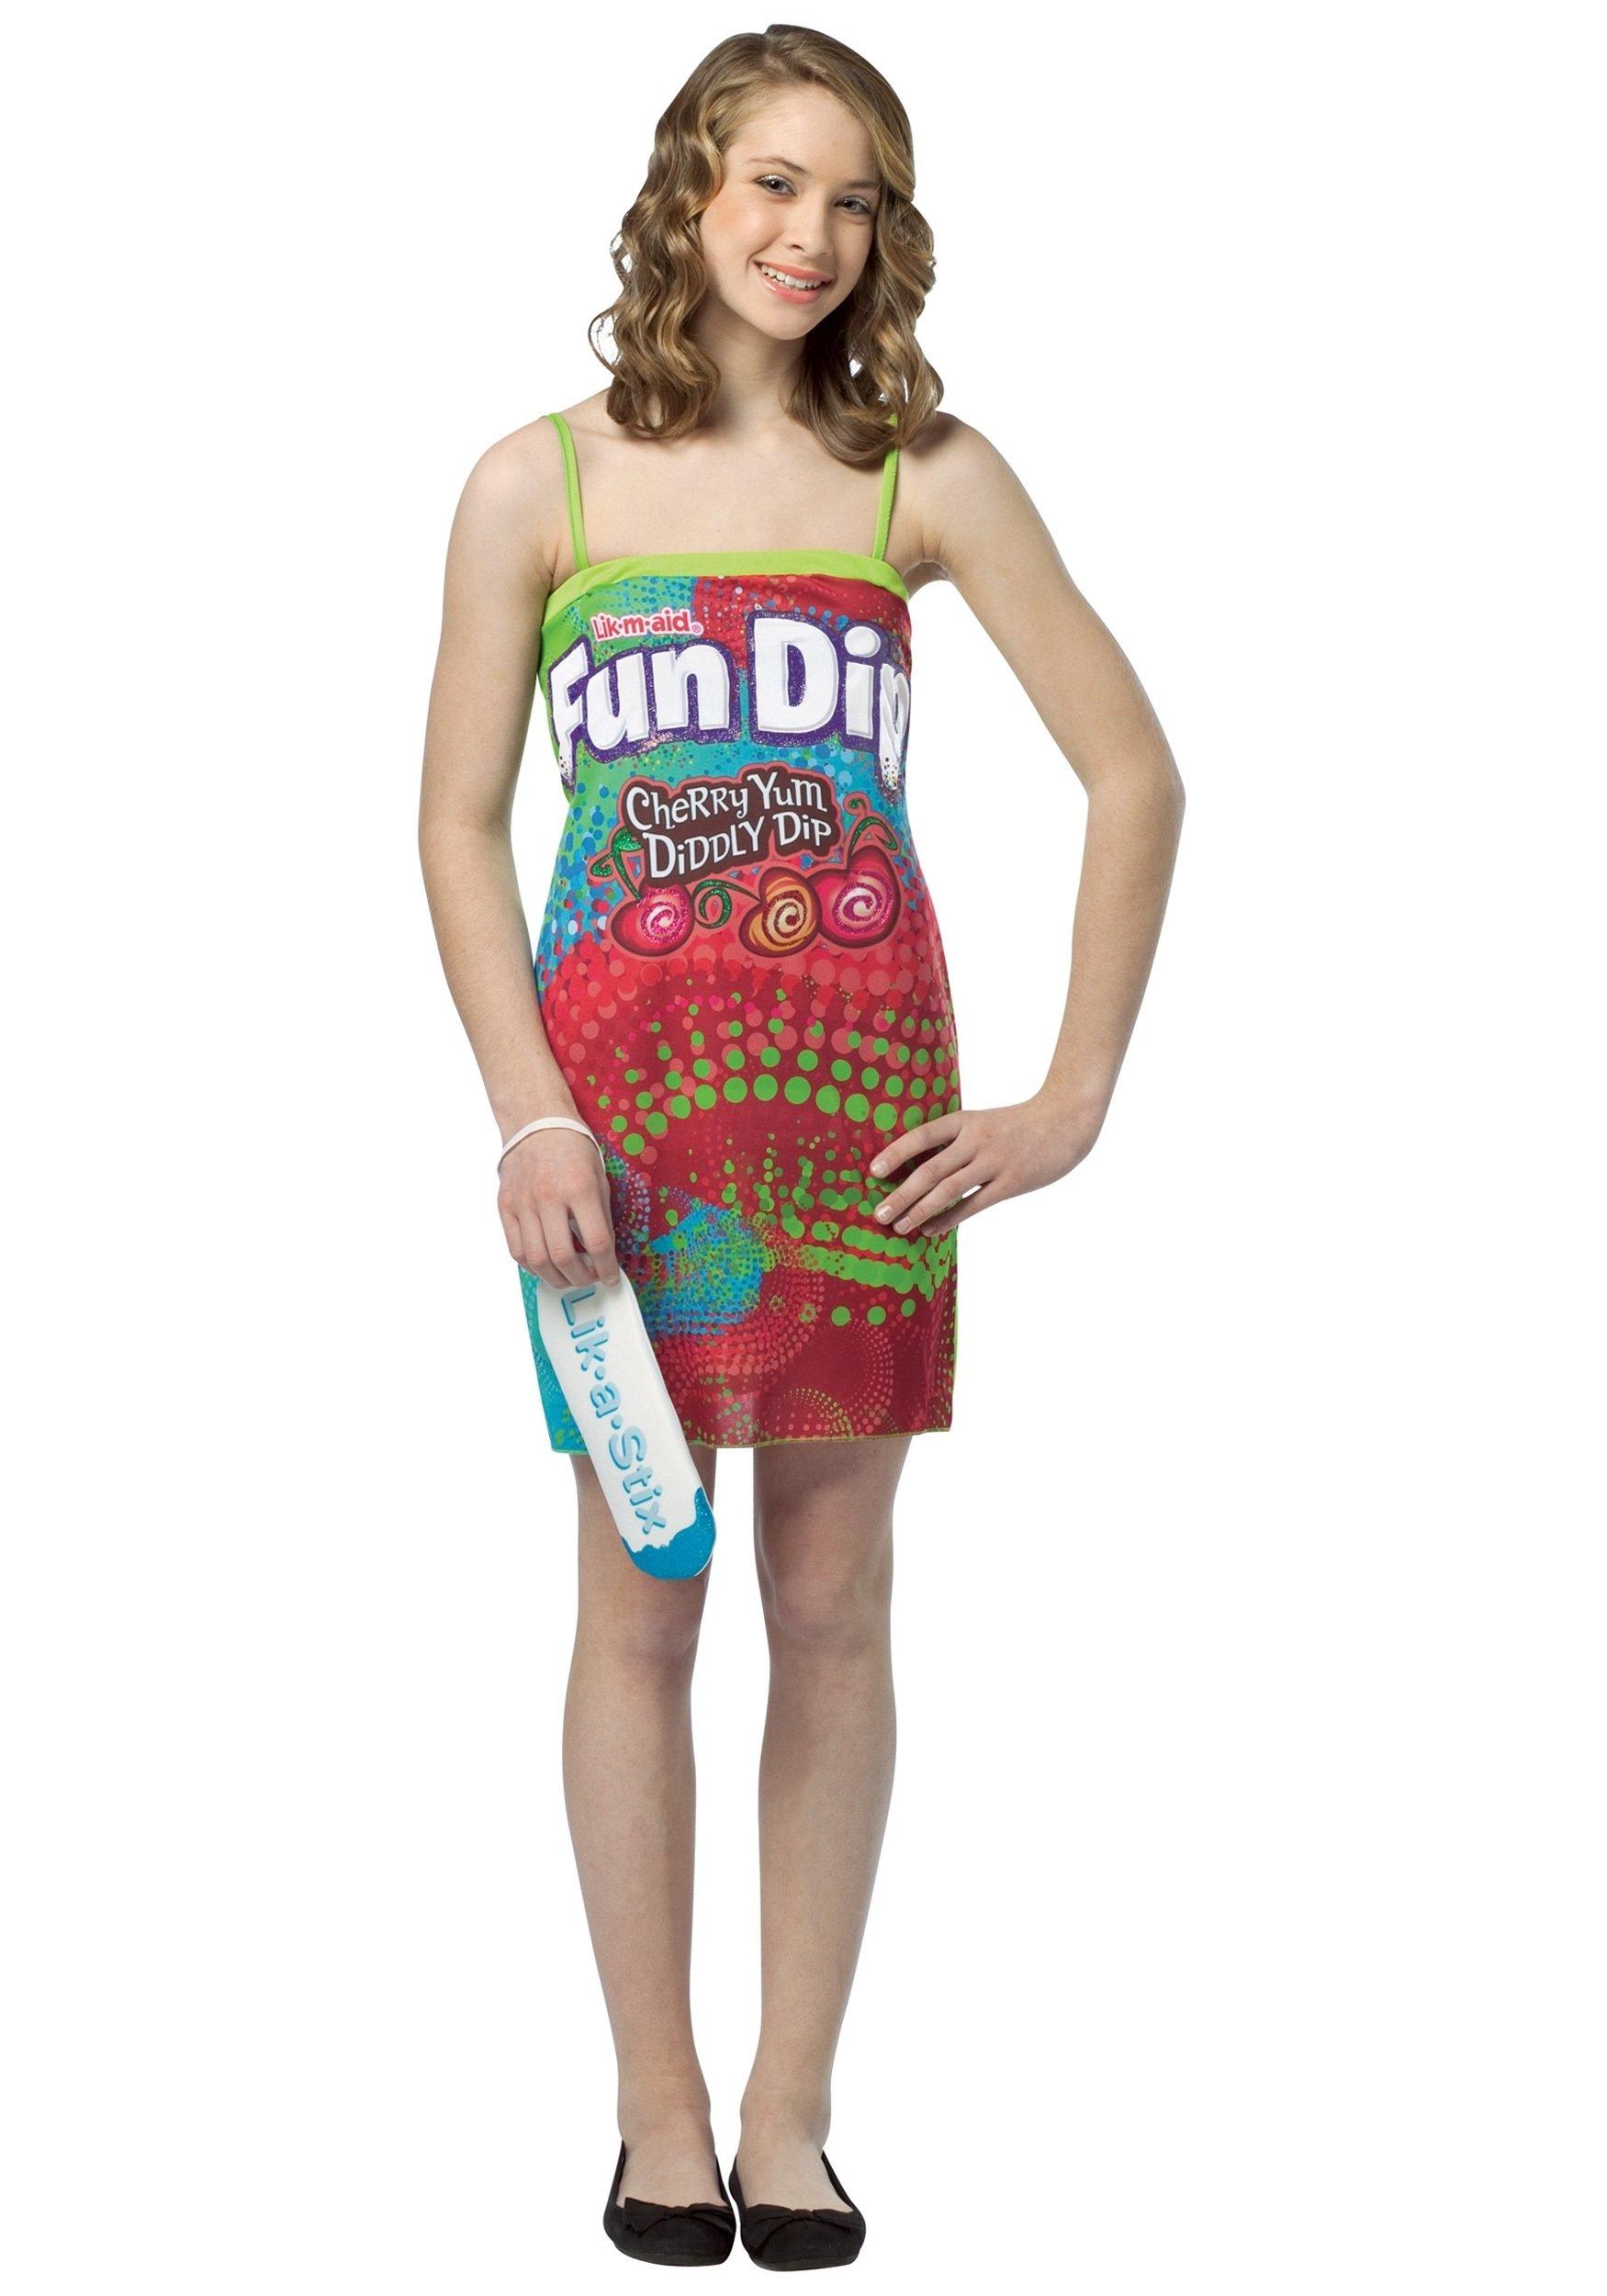 10 Awesome Good Costume Ideas For Teenage Girls teen fun dip dress halloween pinterest teen fun fun dip and 8 2020